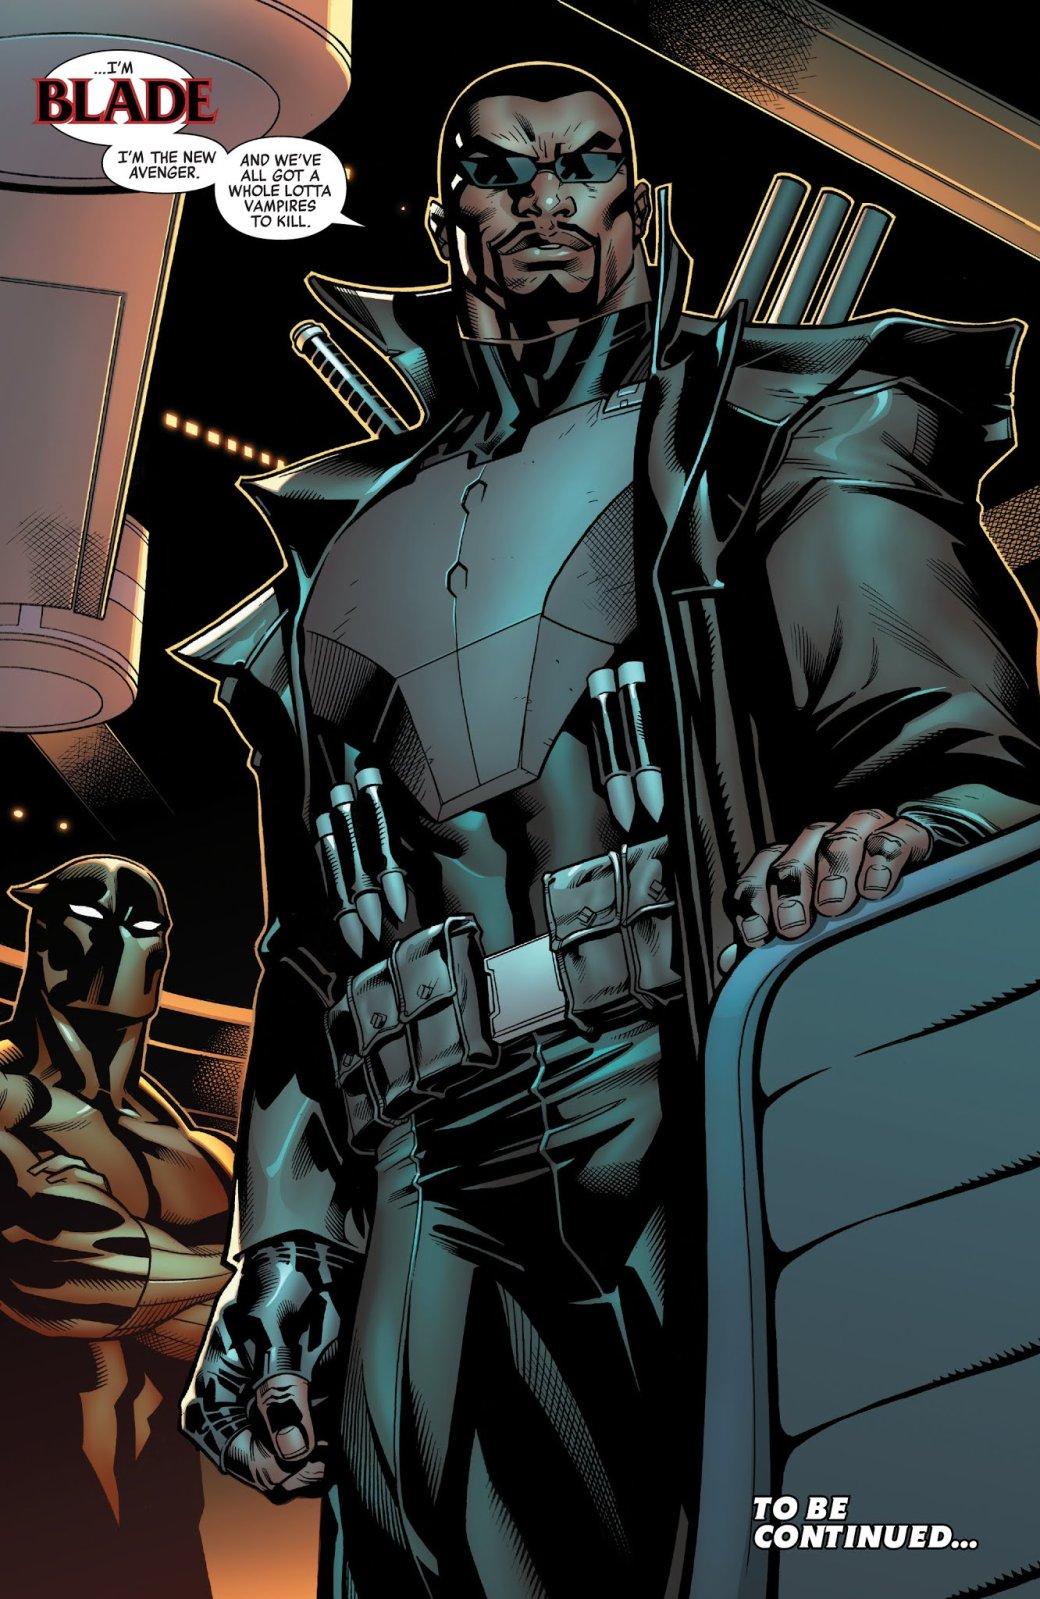 Кто такой Блэйд? Отохотника навампиров дочлена Мстителей исоюзника Людей Икс | Канобу - Изображение 151